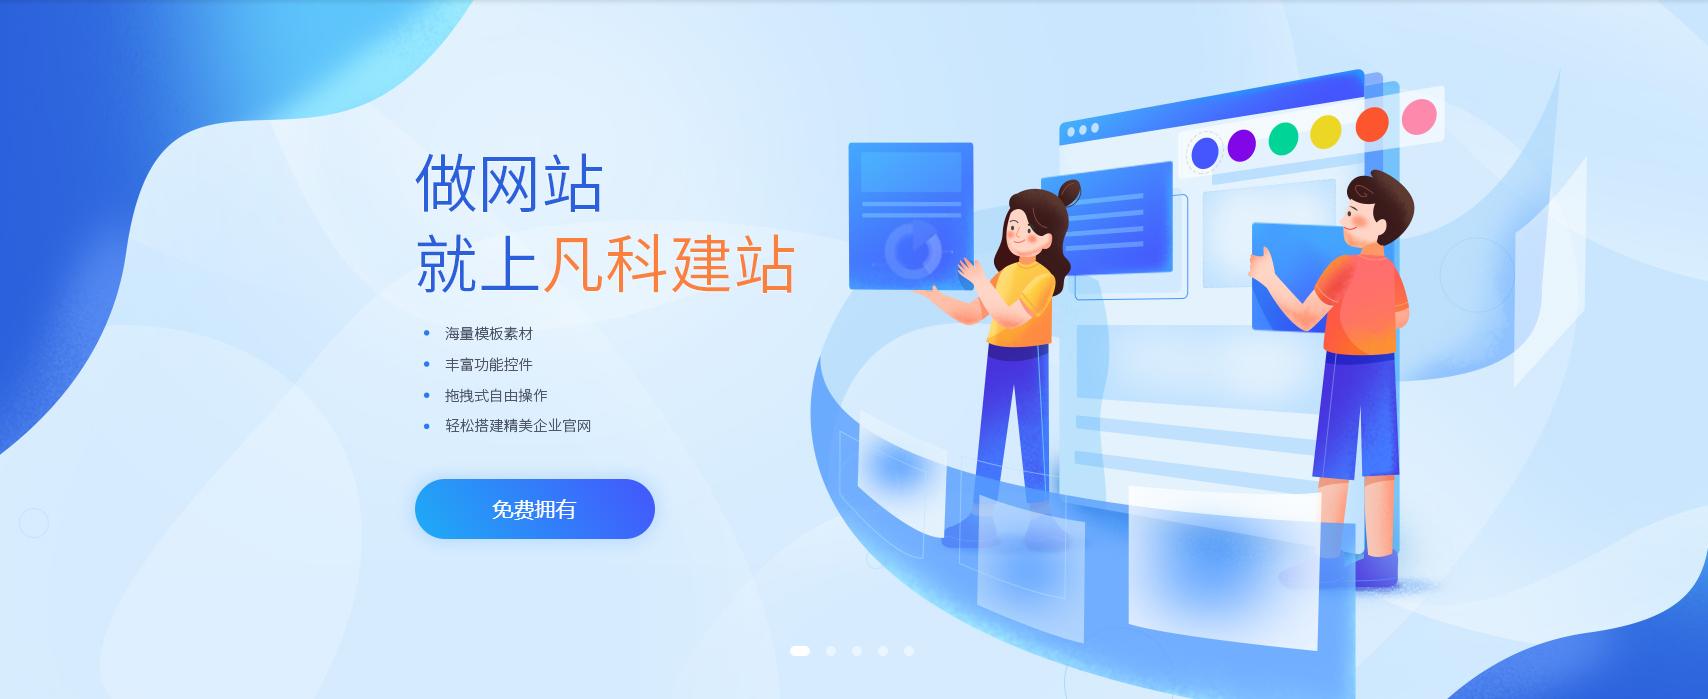 中小企业如何创建网站